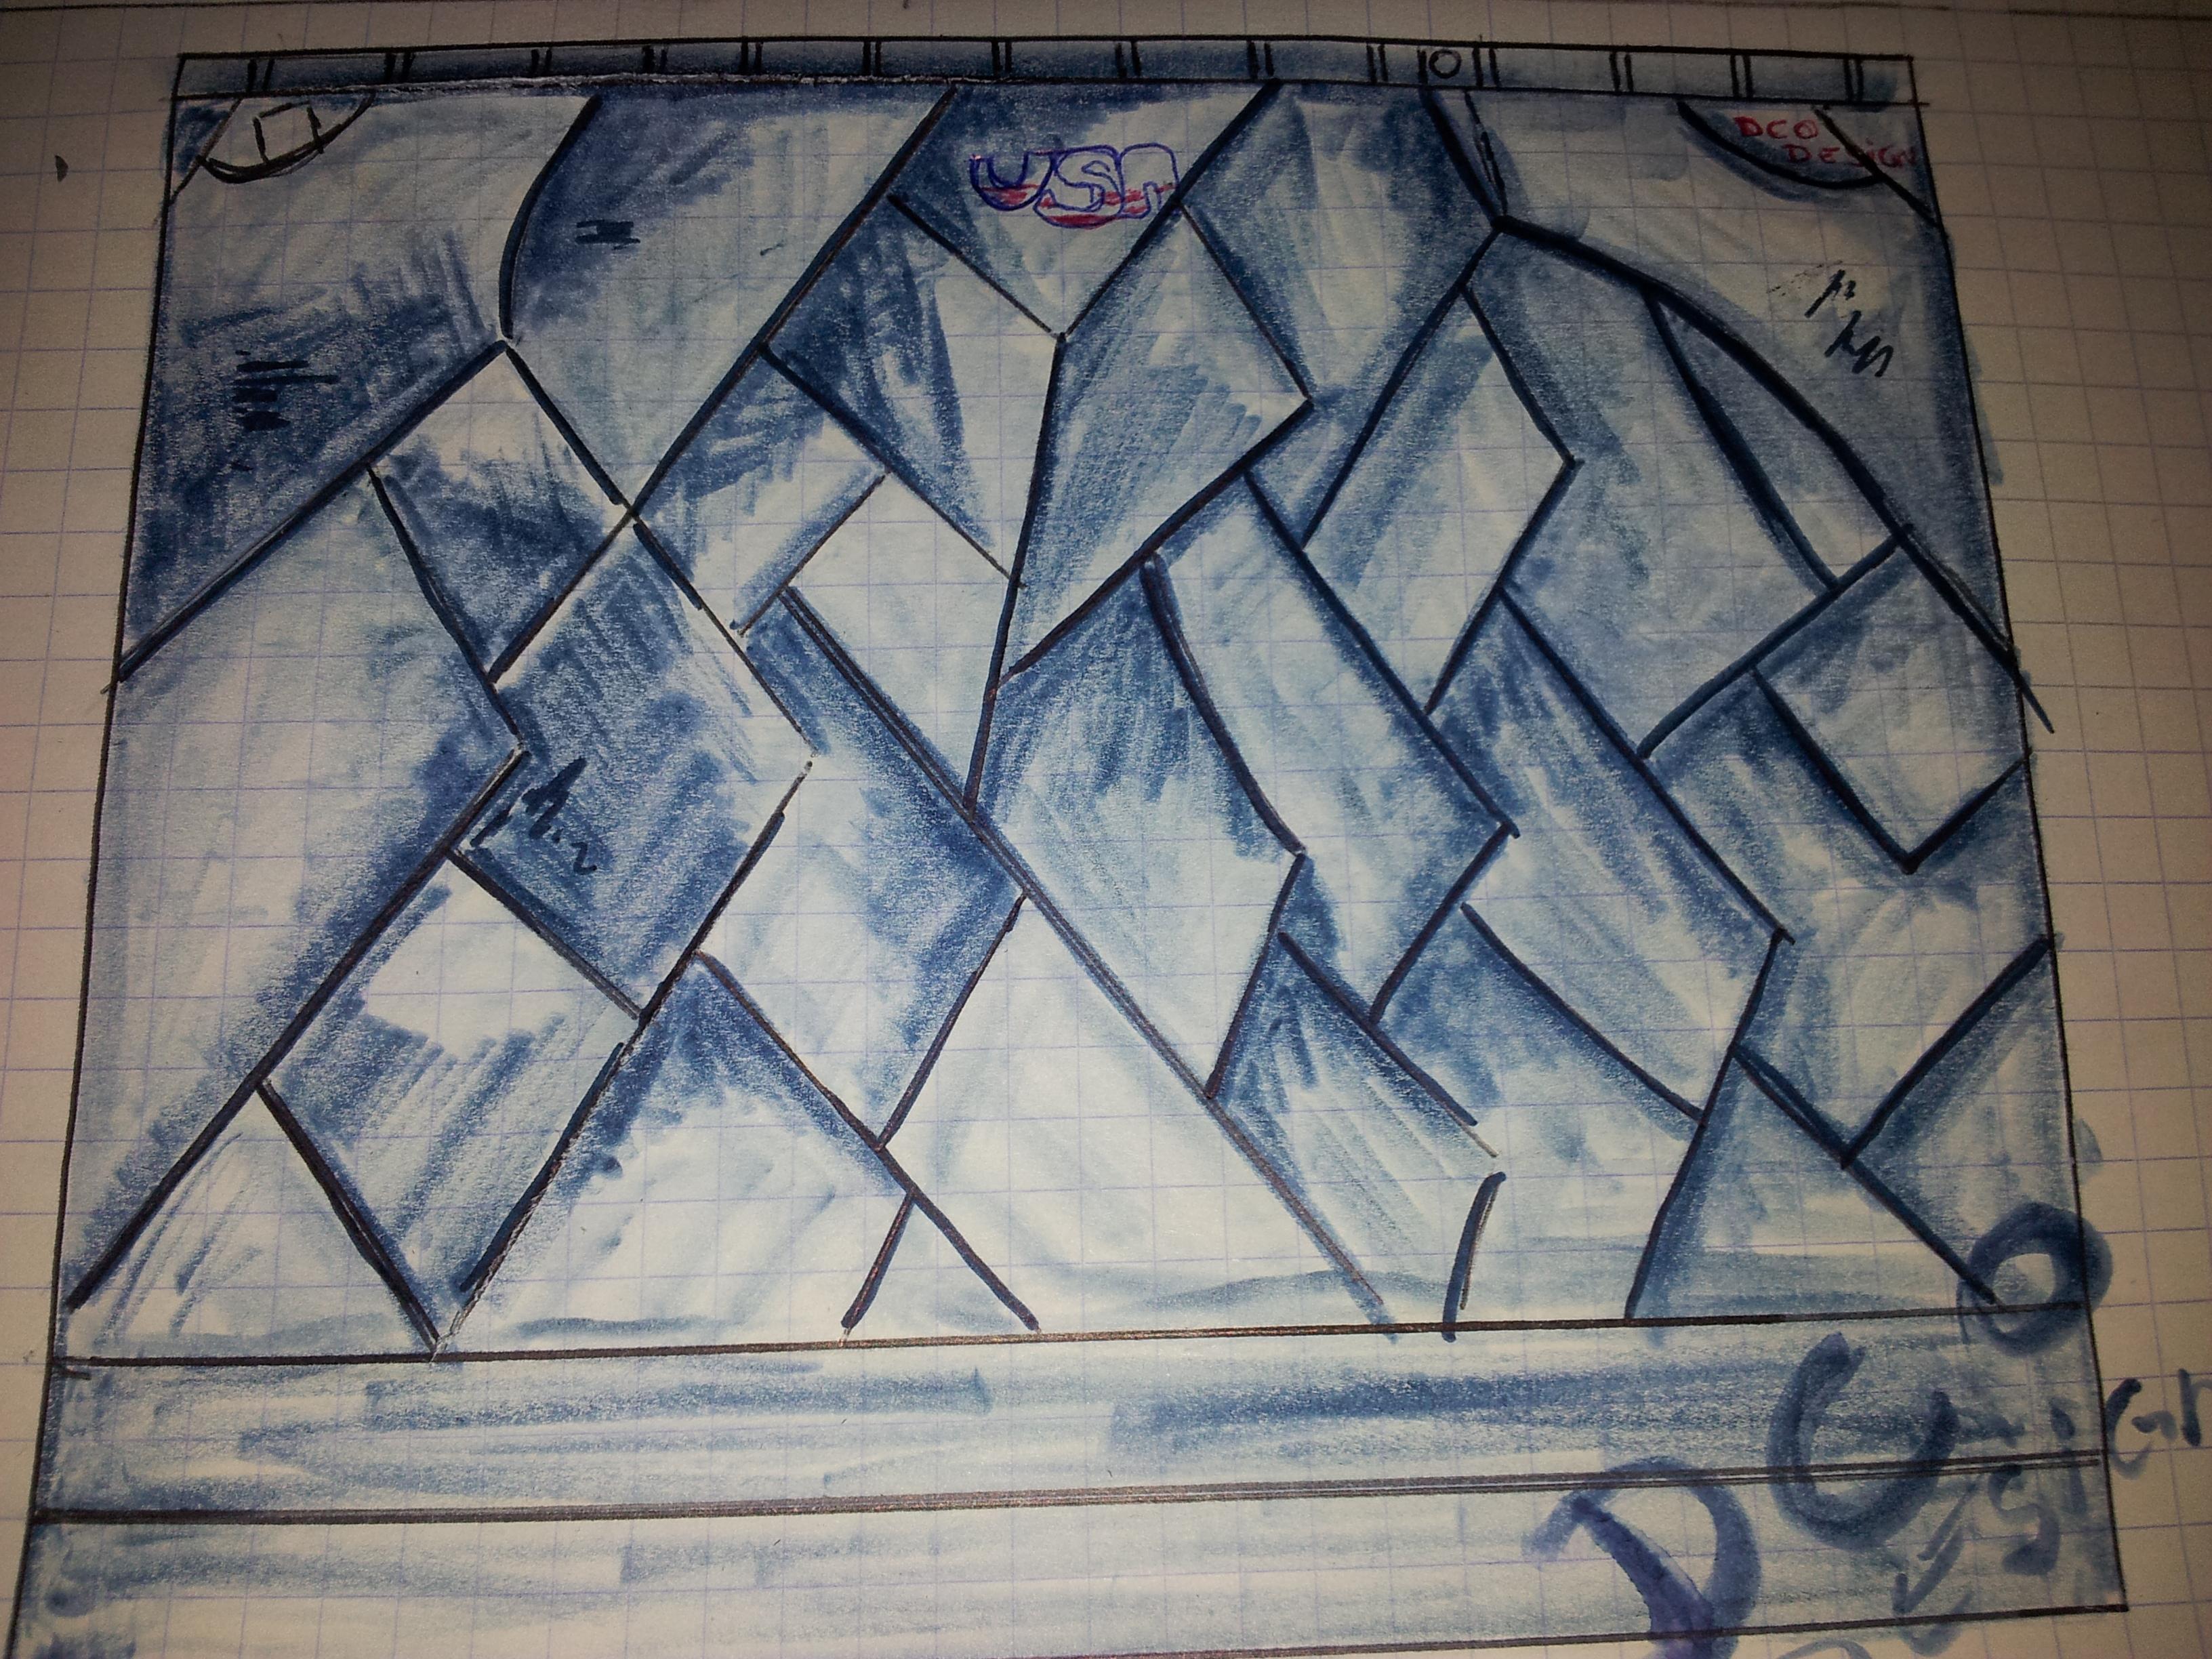 2013-02-22+11.03.07.jpg